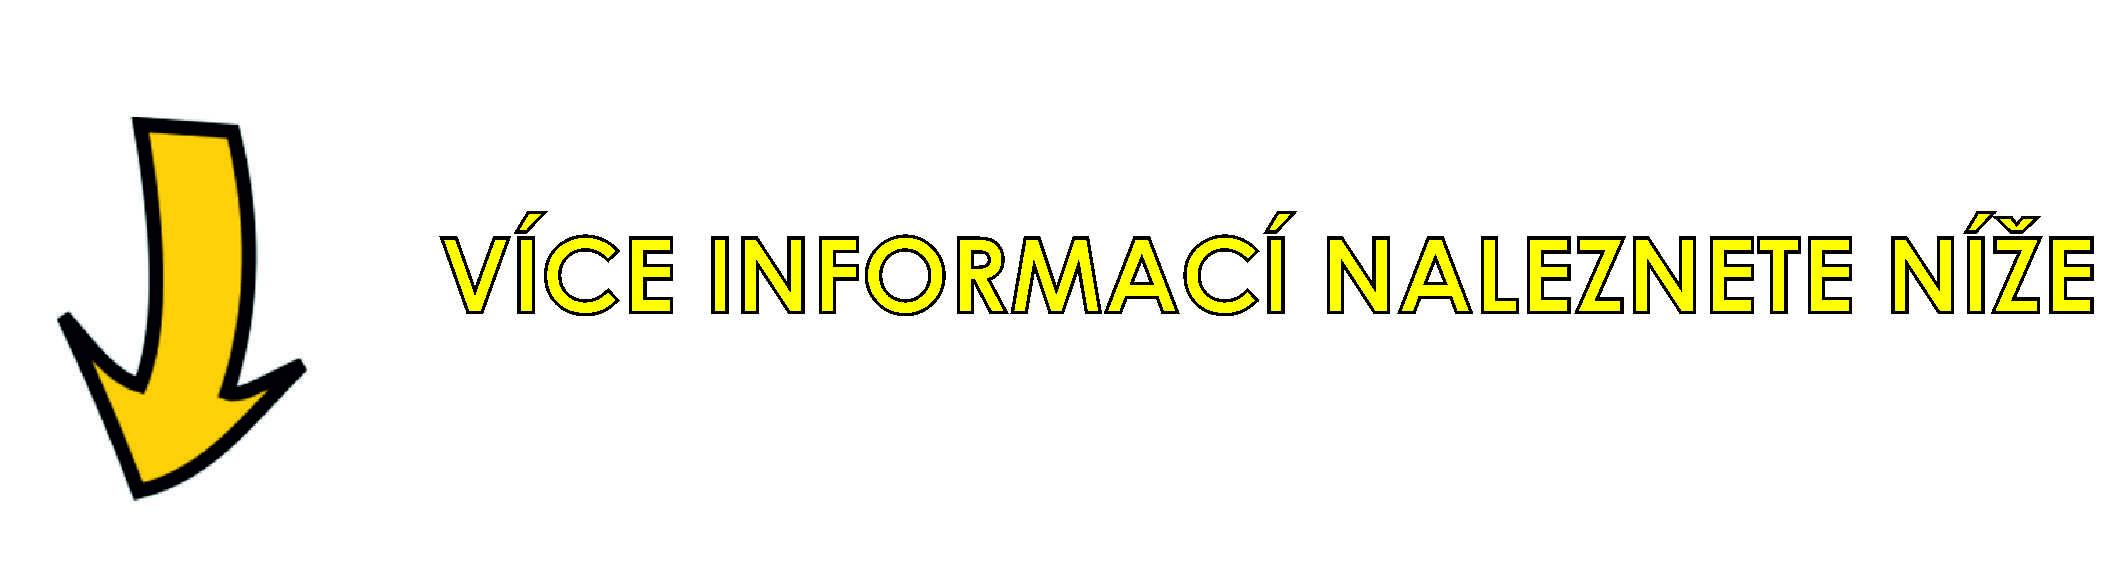 naušnice_info_1